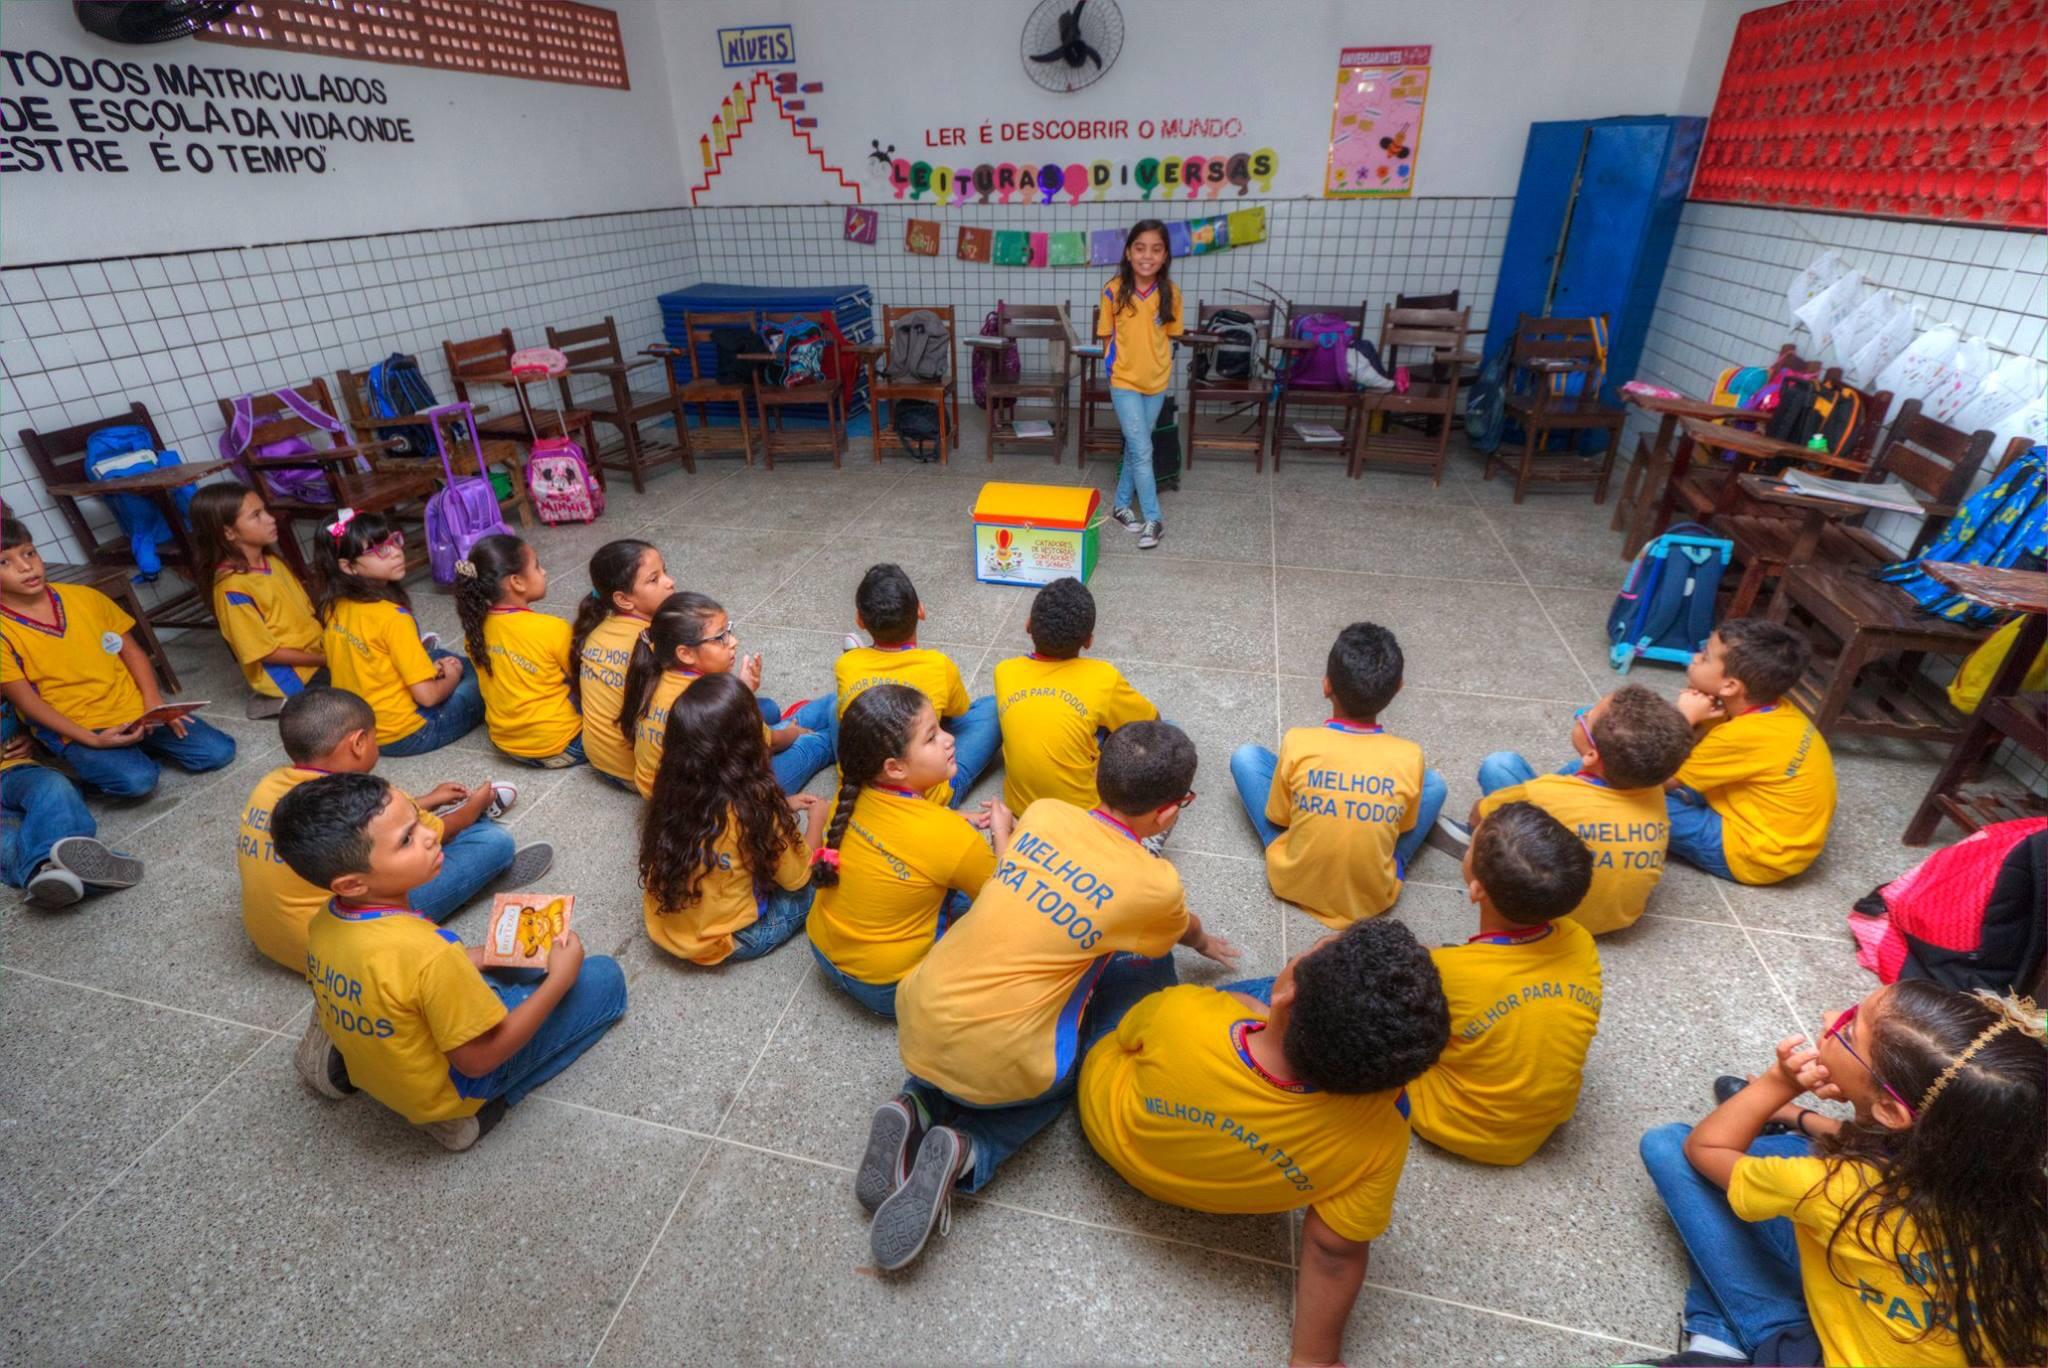 Eusébio continua processo para a conquista do Selo Unicef Edição 2017/2020